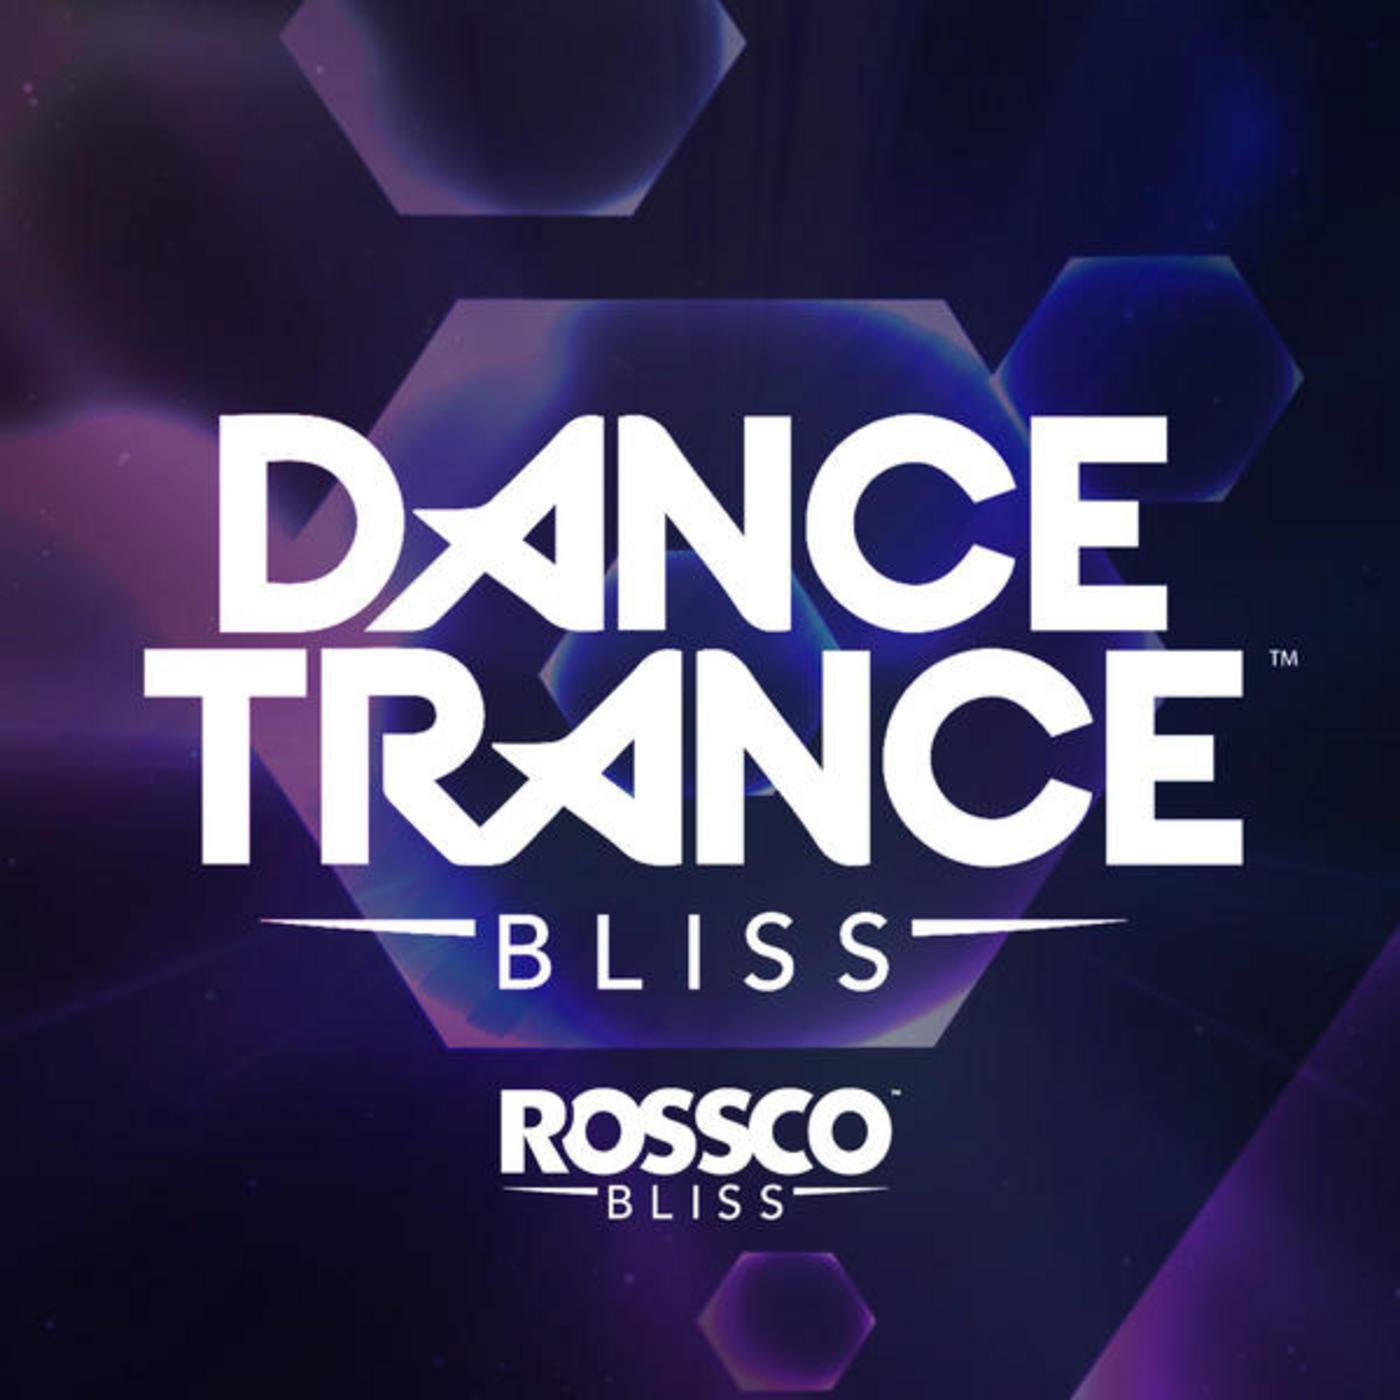 Rossco Bliss (Dance,Trance,Bliss) Episode 35